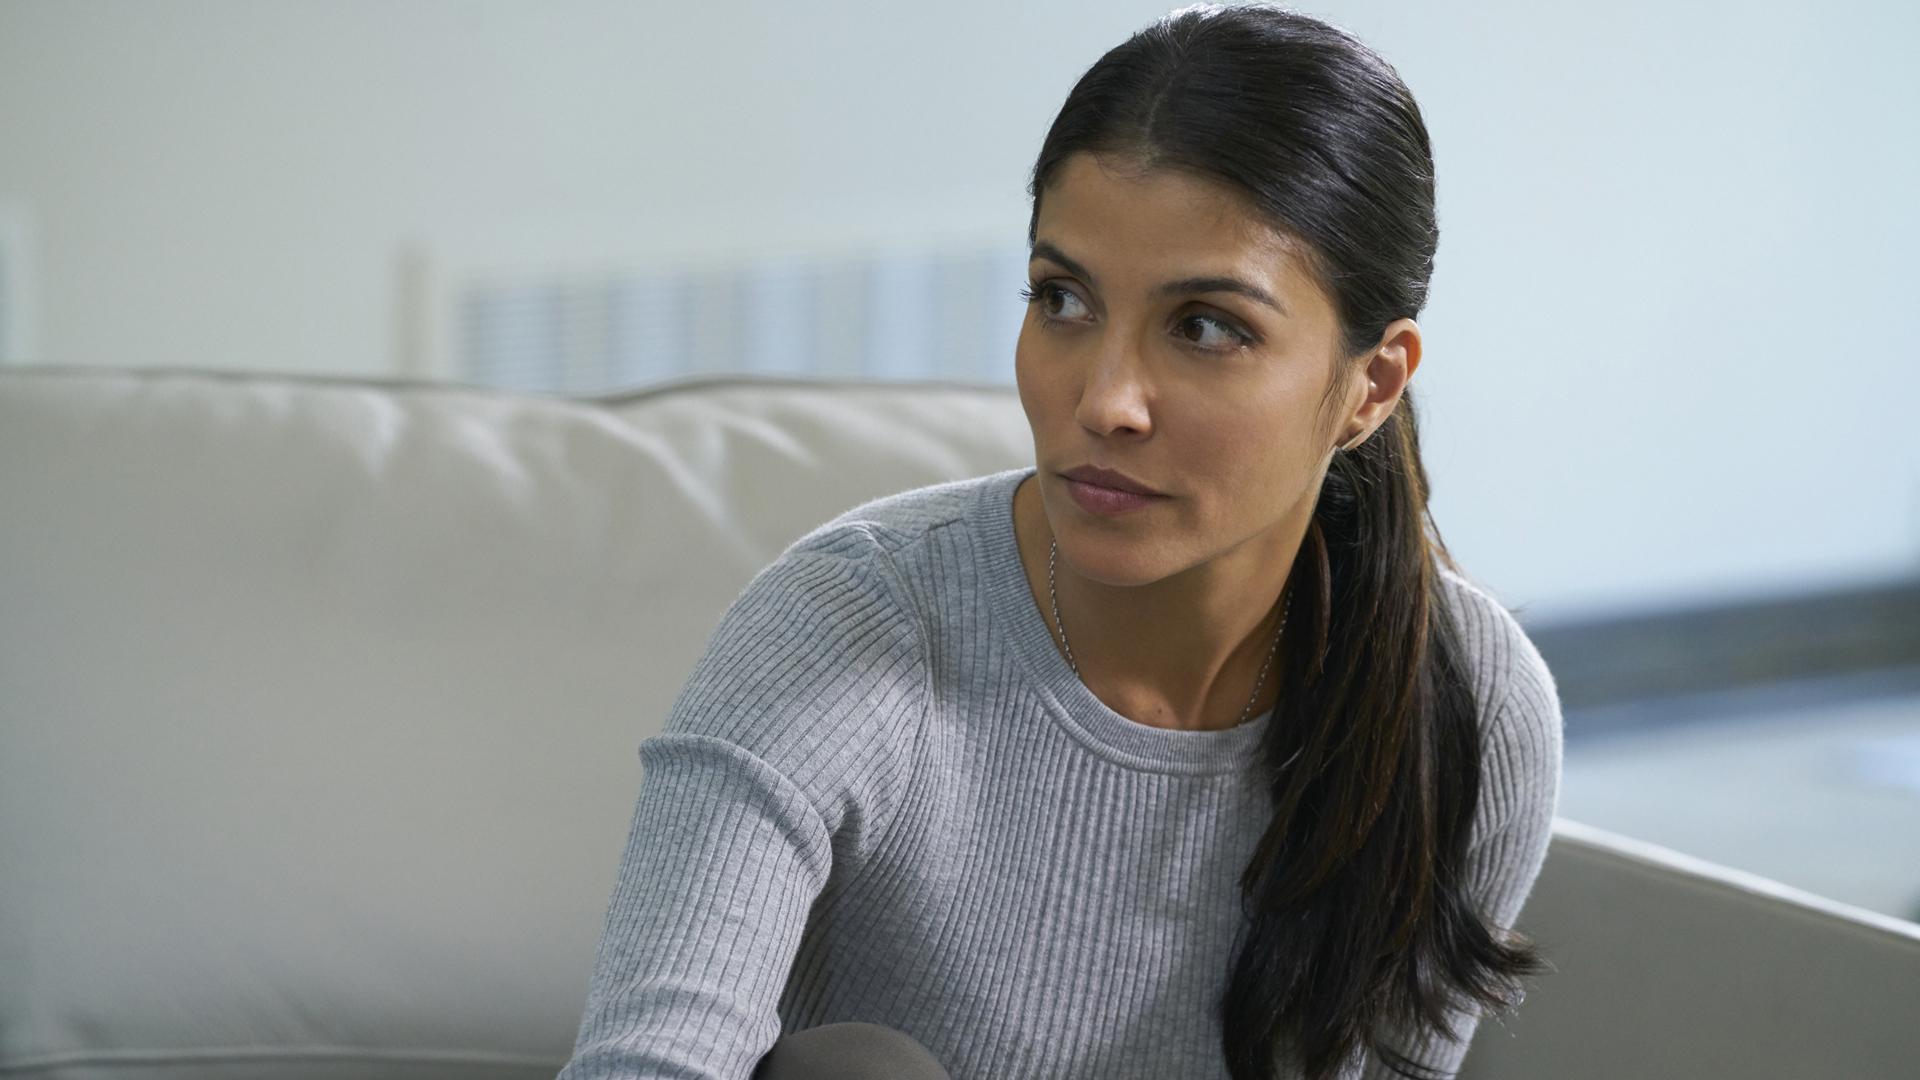 Nazneen Contractor as Zara Hallam